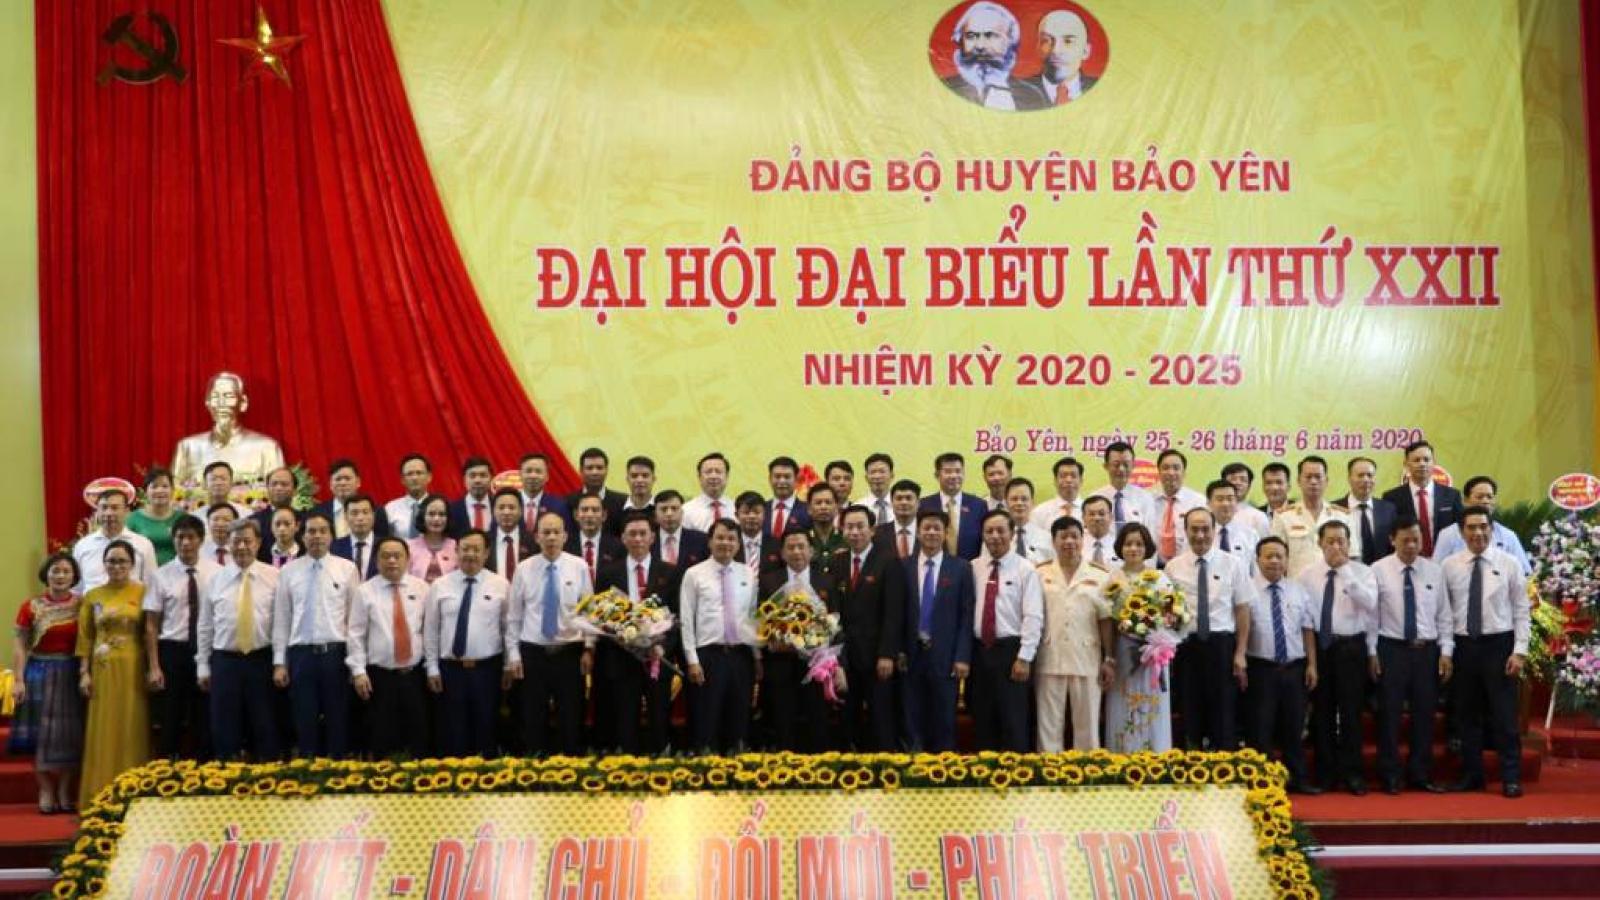 Huyện Bảo Yên (Lào Cai) có tân Bí thư Huyện ủy là người Tày